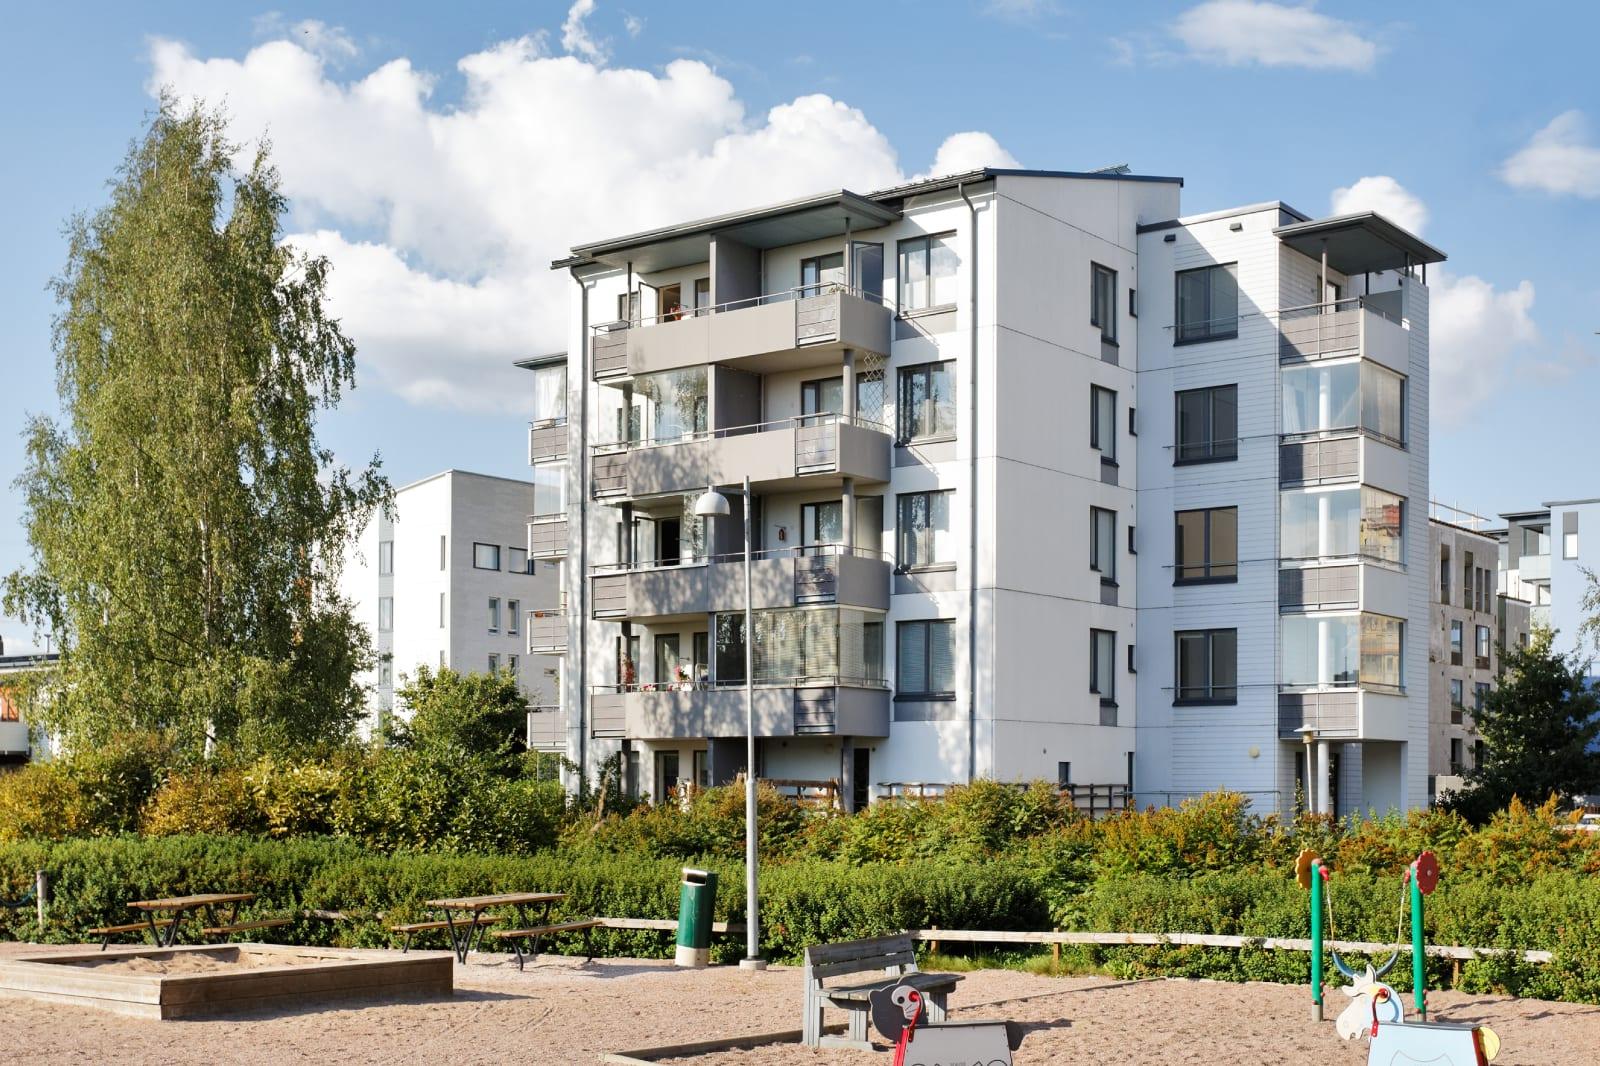 Helsinki, Kaarela, Pasuunatie 8, Klaveeripolku 3